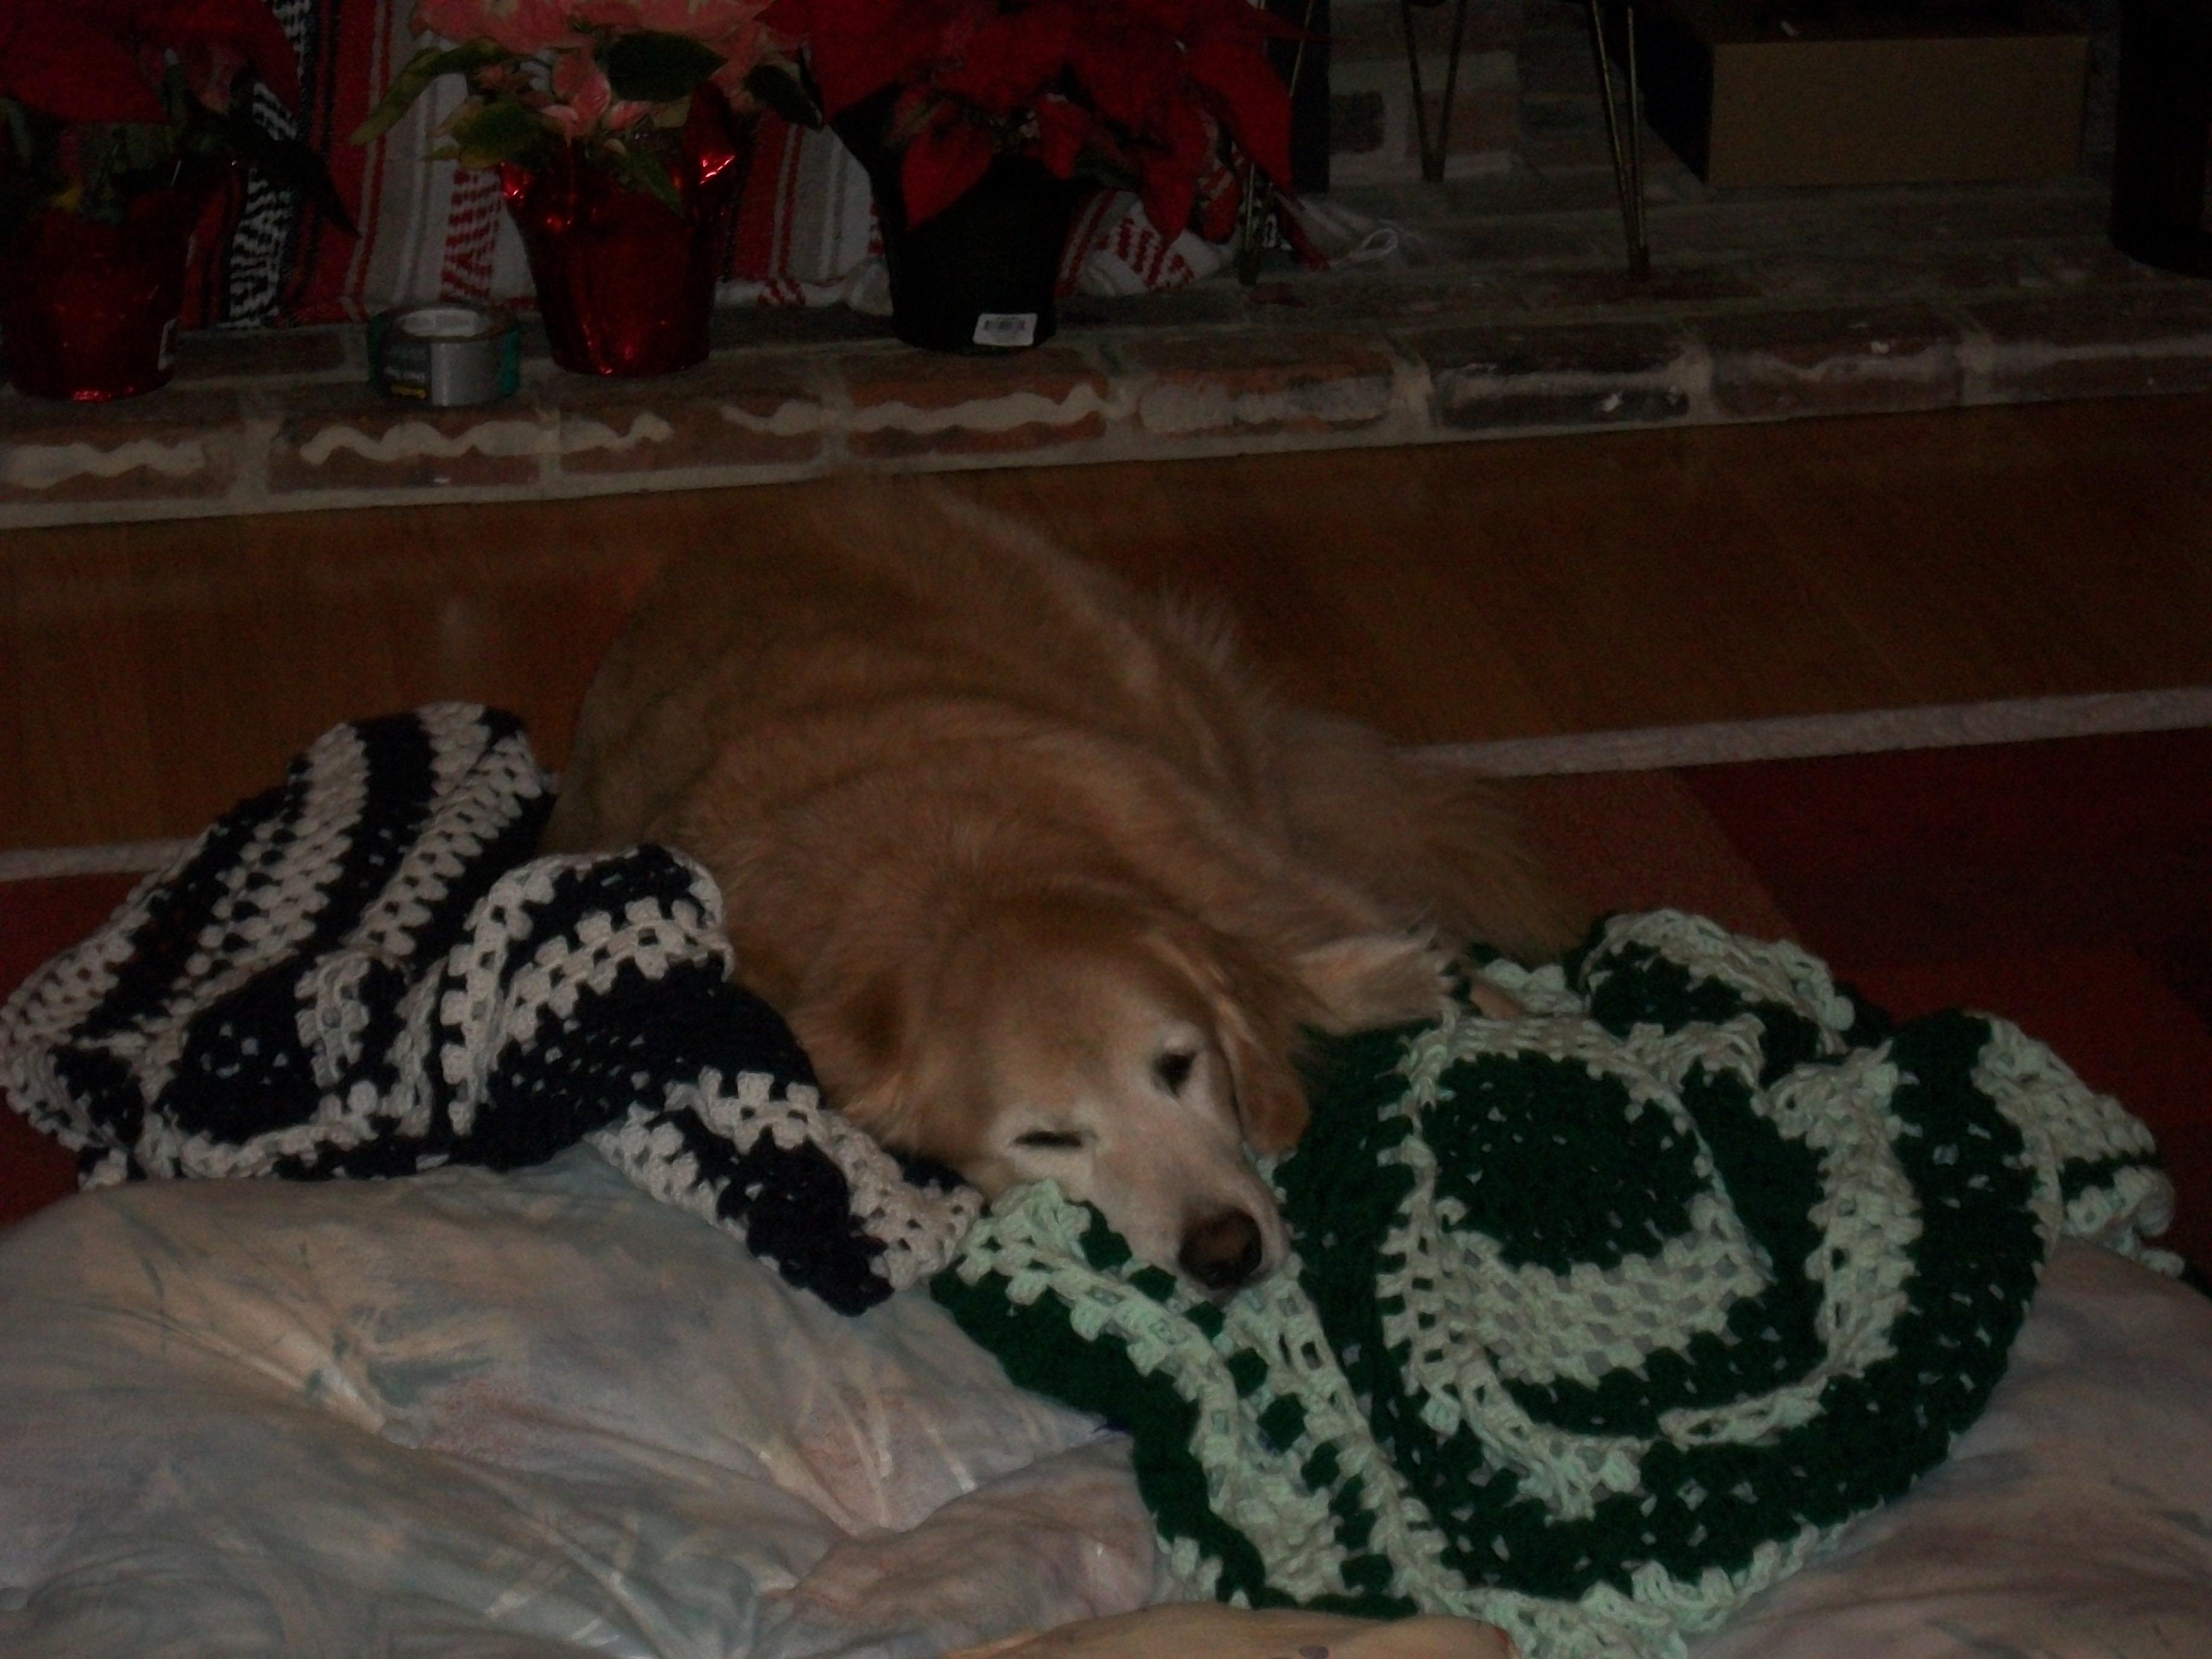 Bella comfy nap